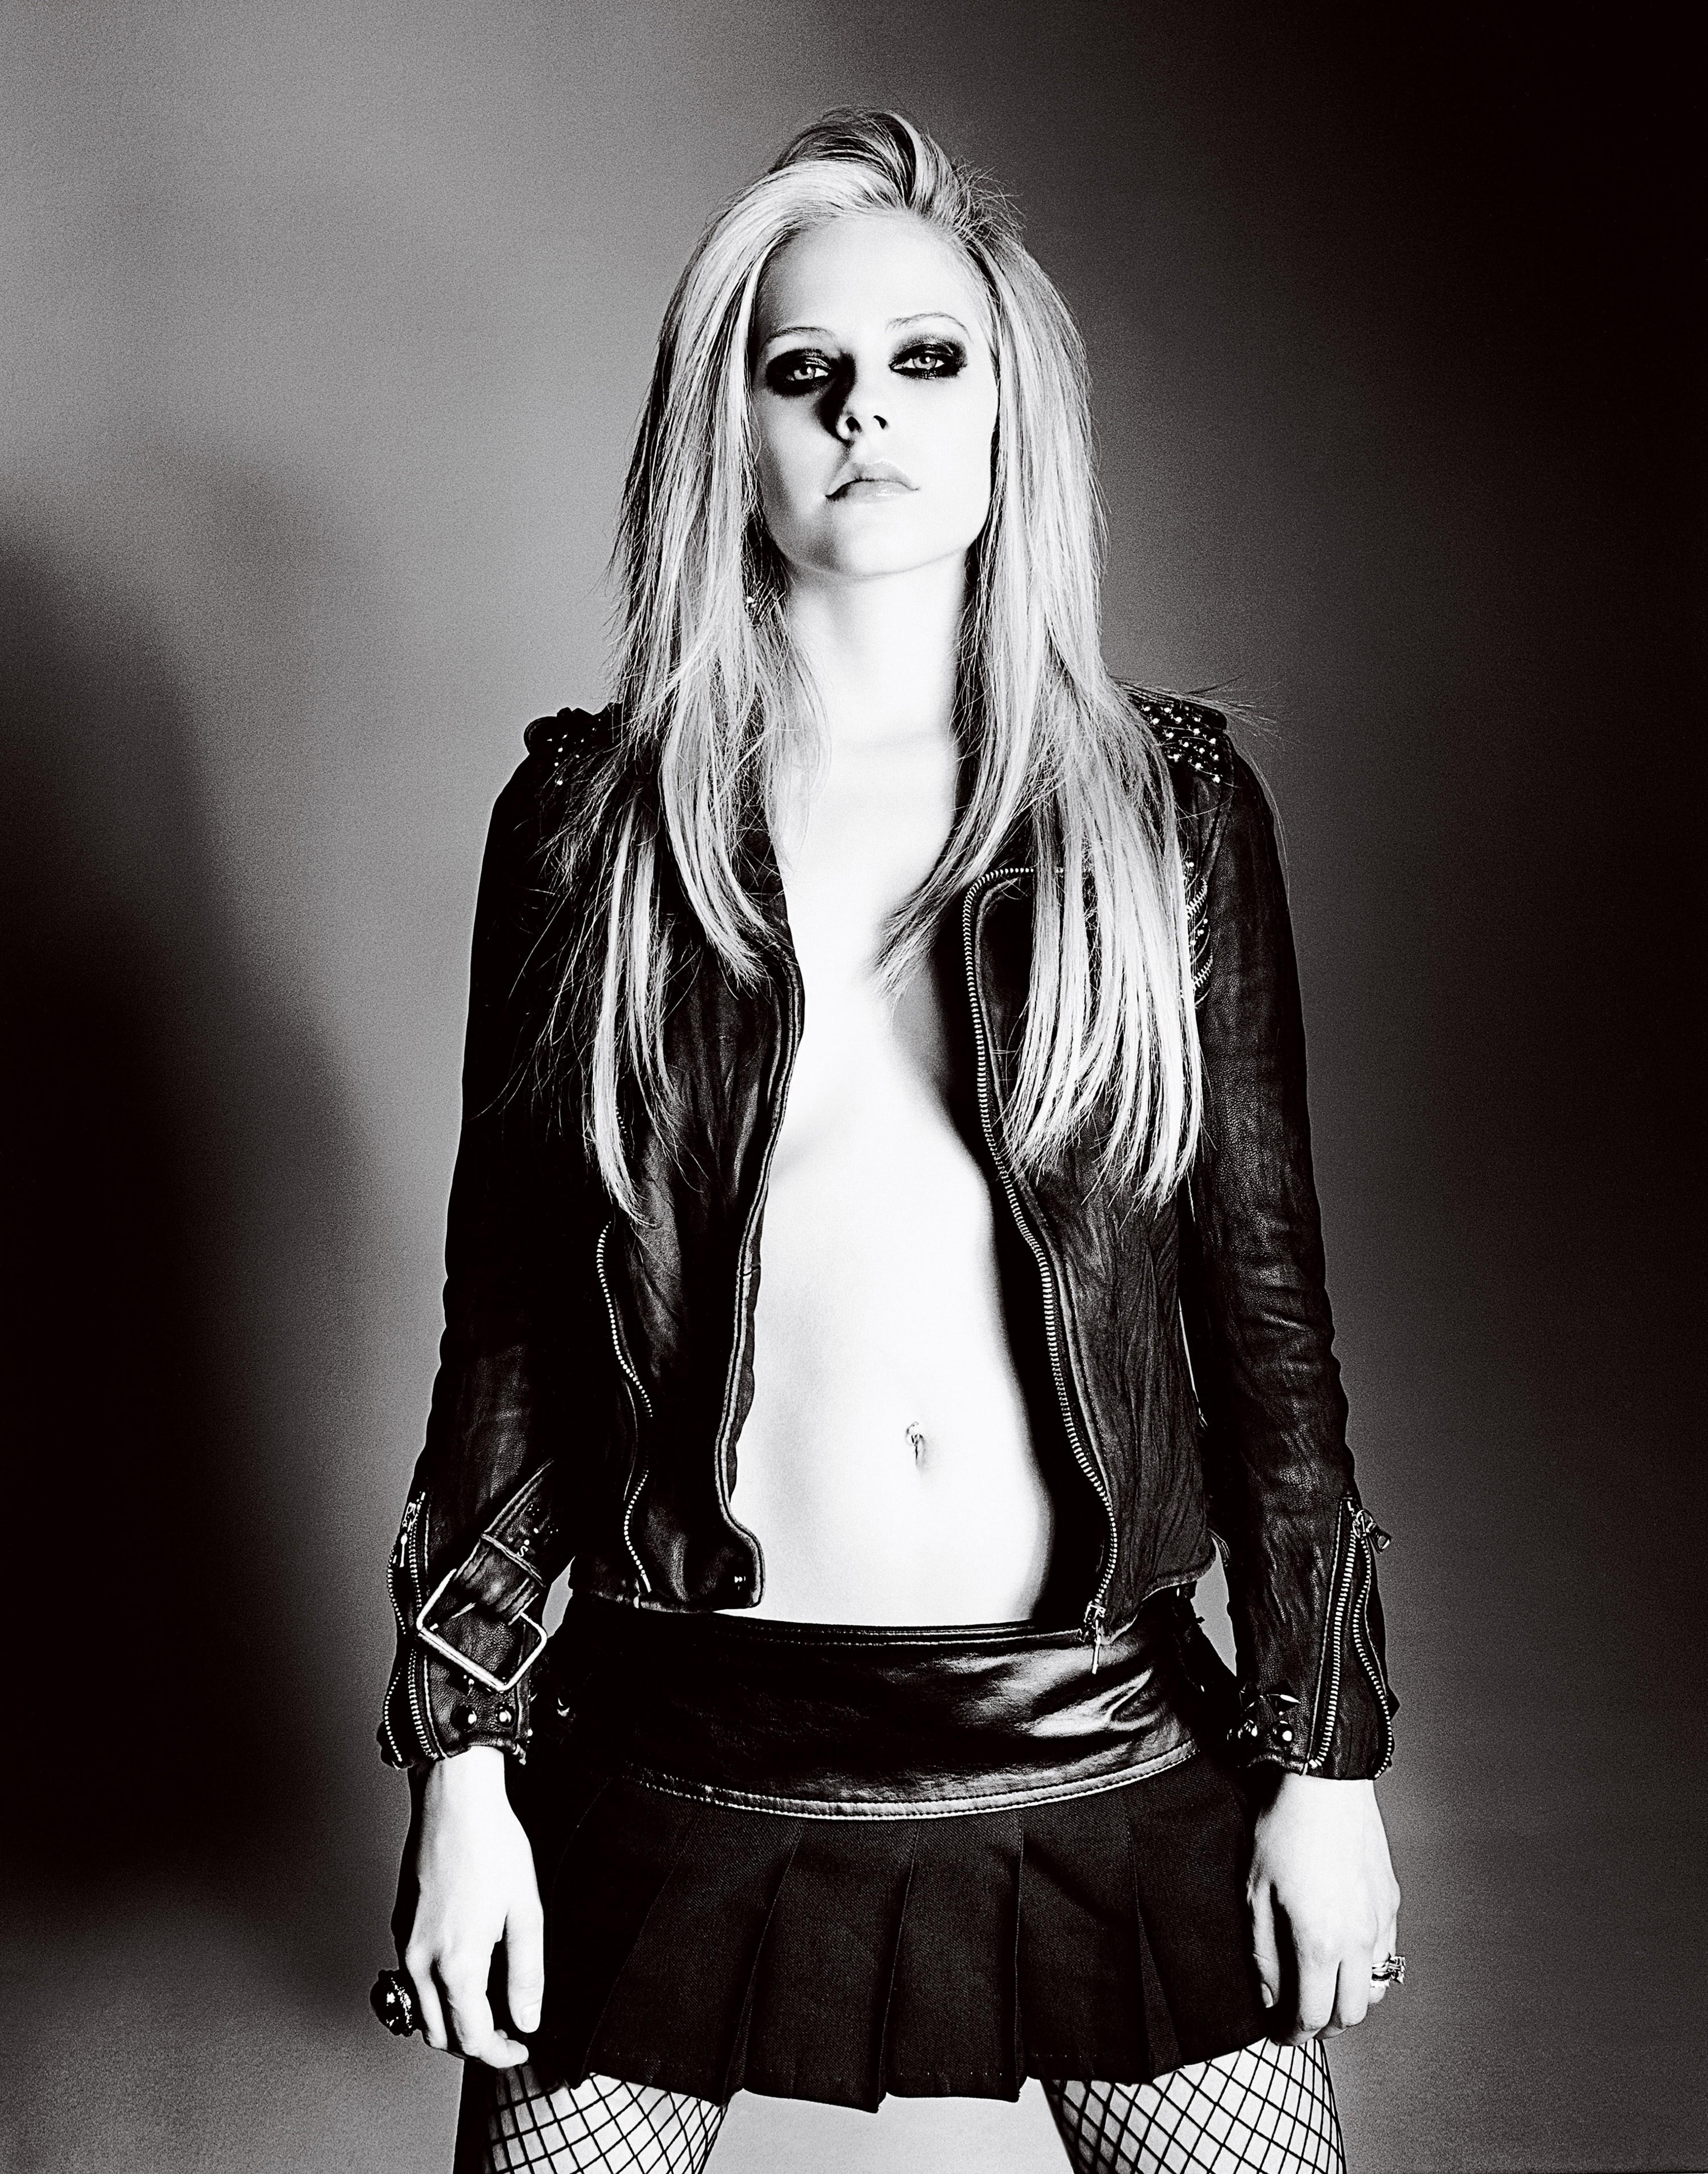 Avril lavigne goodbye - 2 3